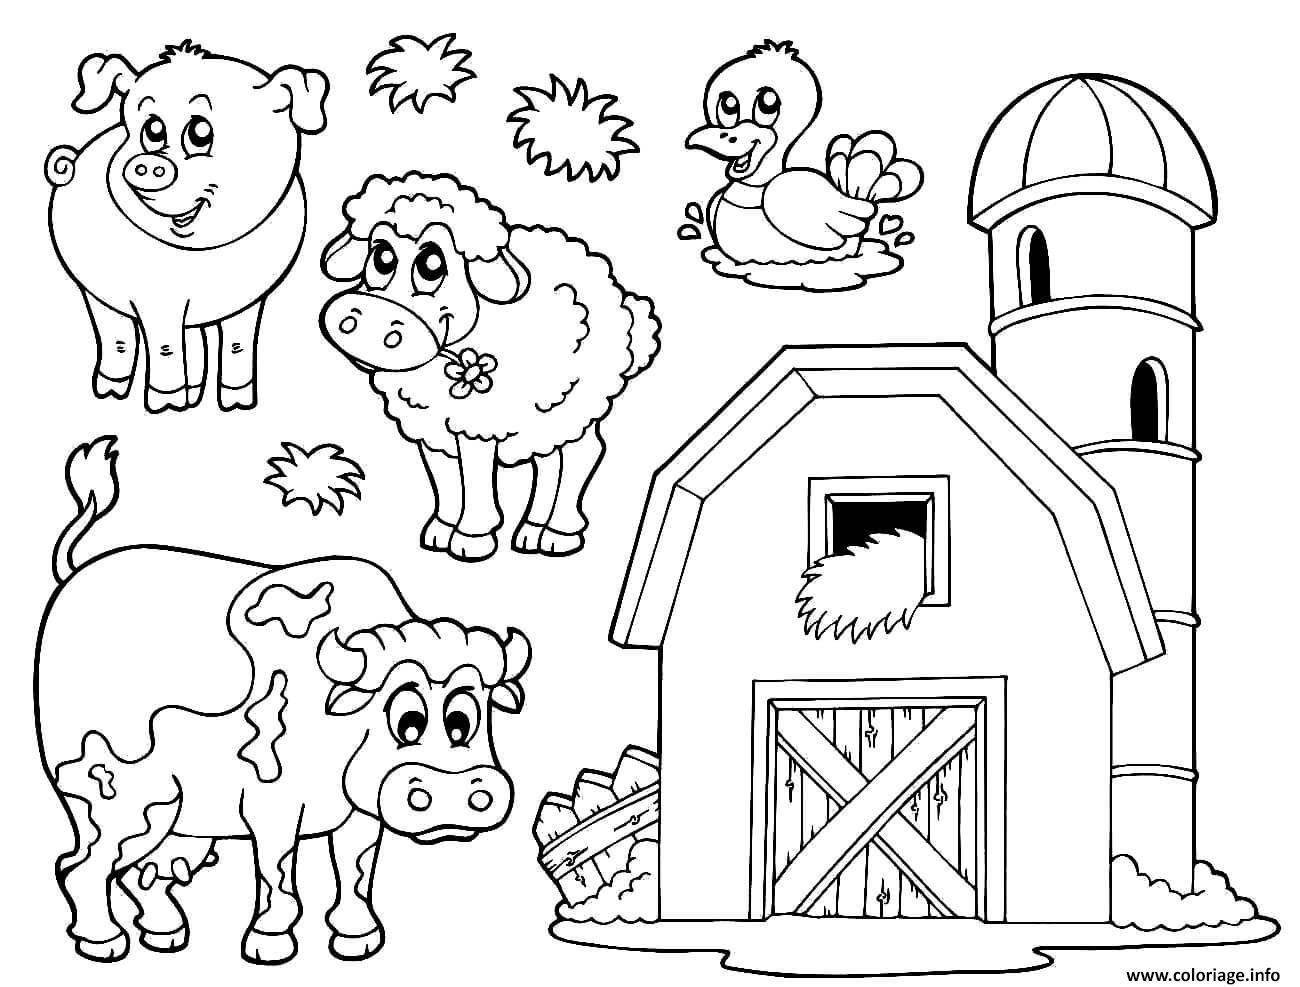 Coloriage Une Ferme Avec Animaux Dessin Animaux De La Ferme A Imprimer